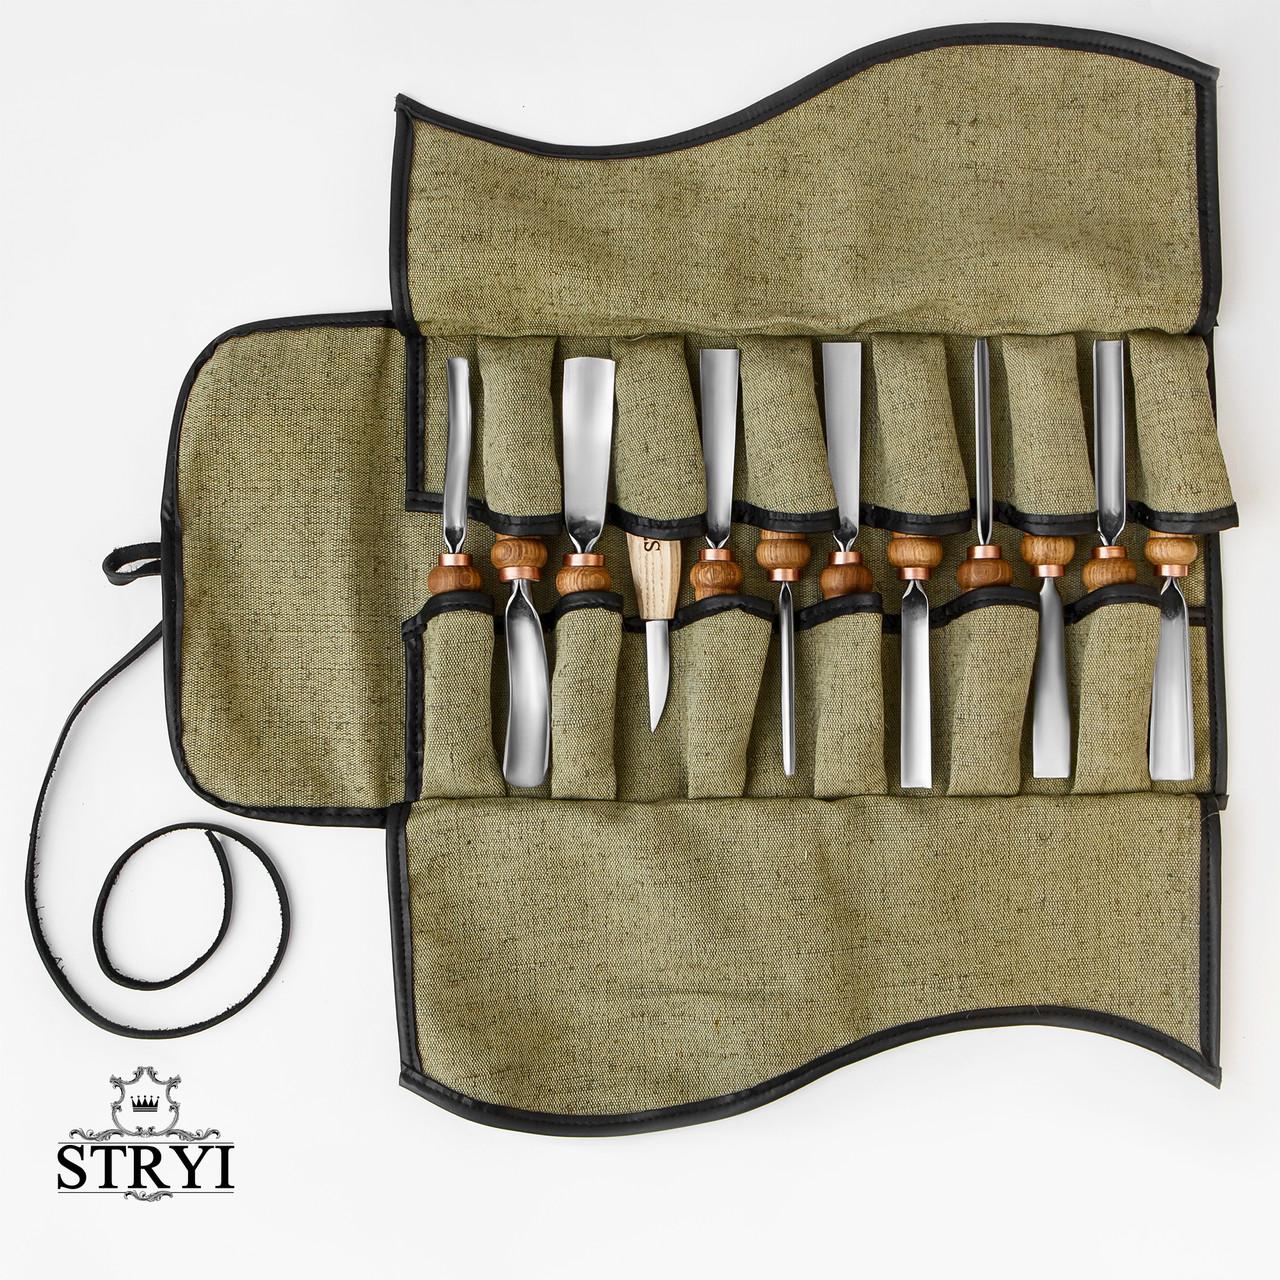 Ρολό κάλυψης για 12 σμίλες, από τον κατασκευαστή STRYI, φωτογραφία 1